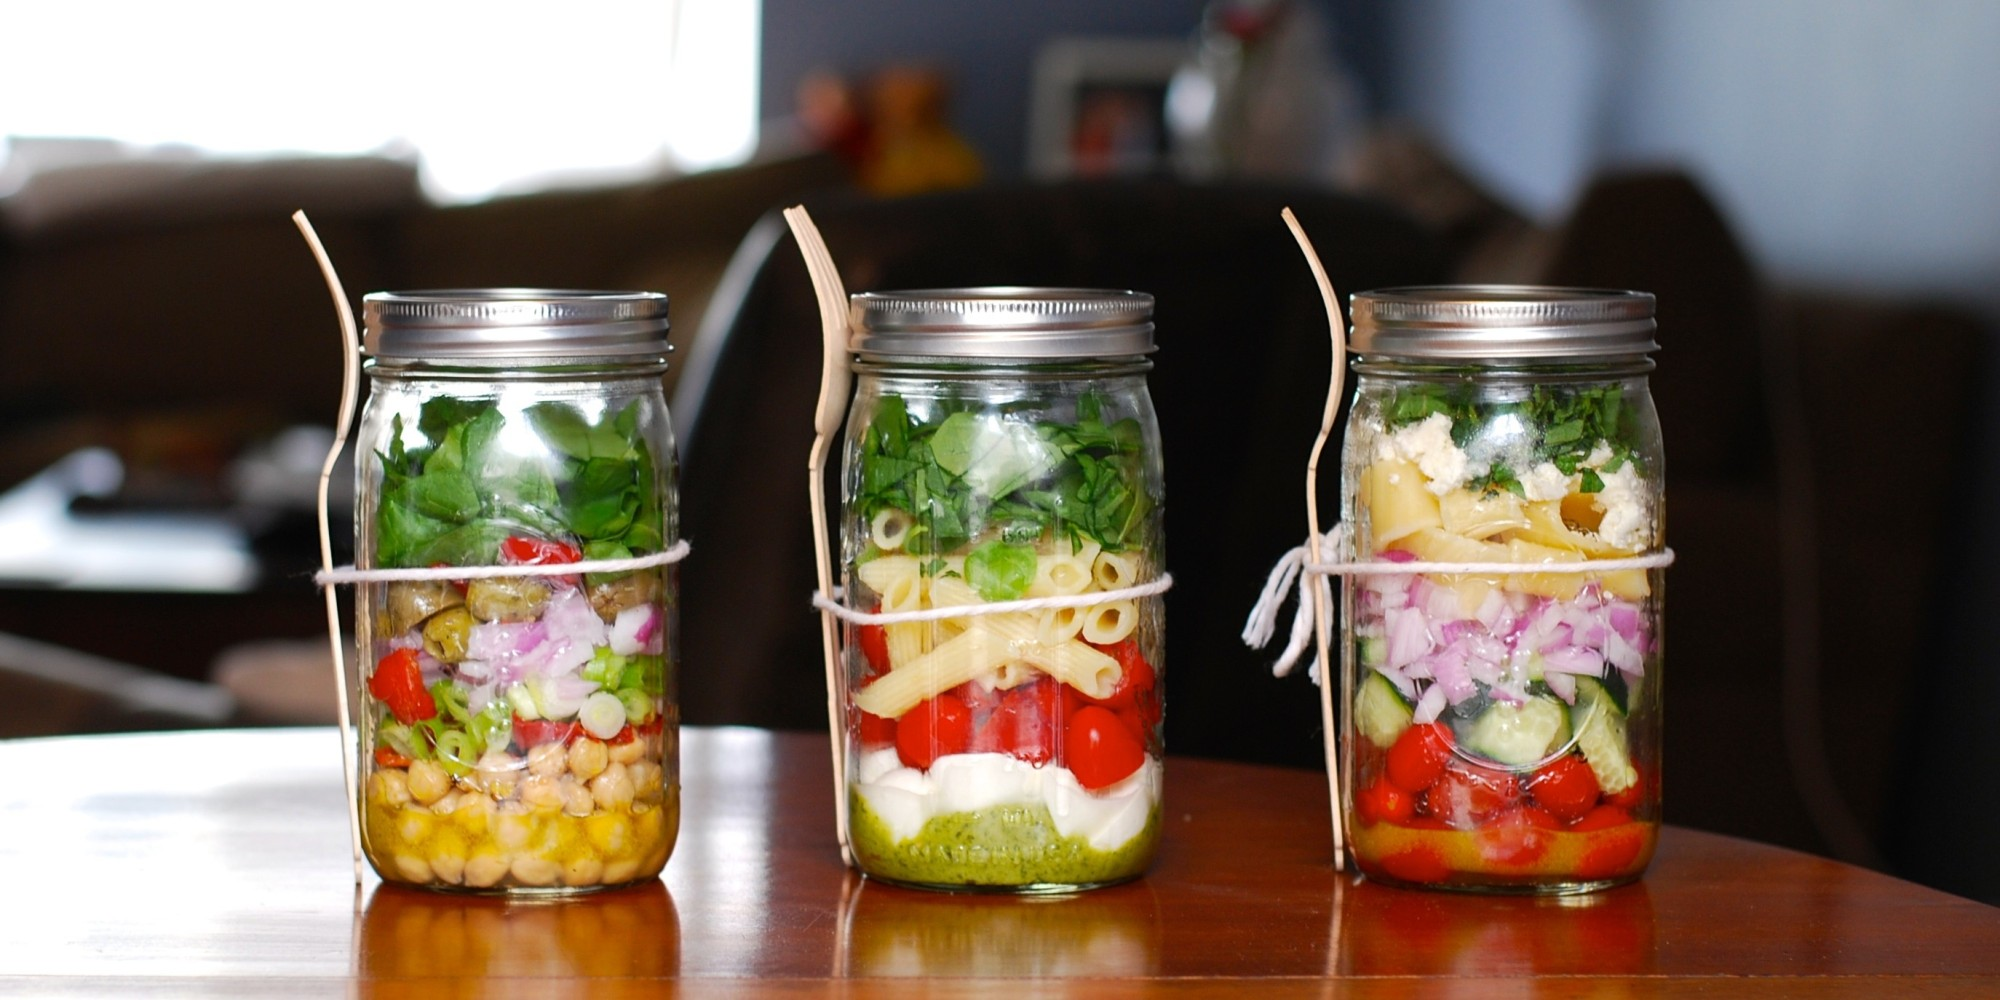 tegla salata.jpg